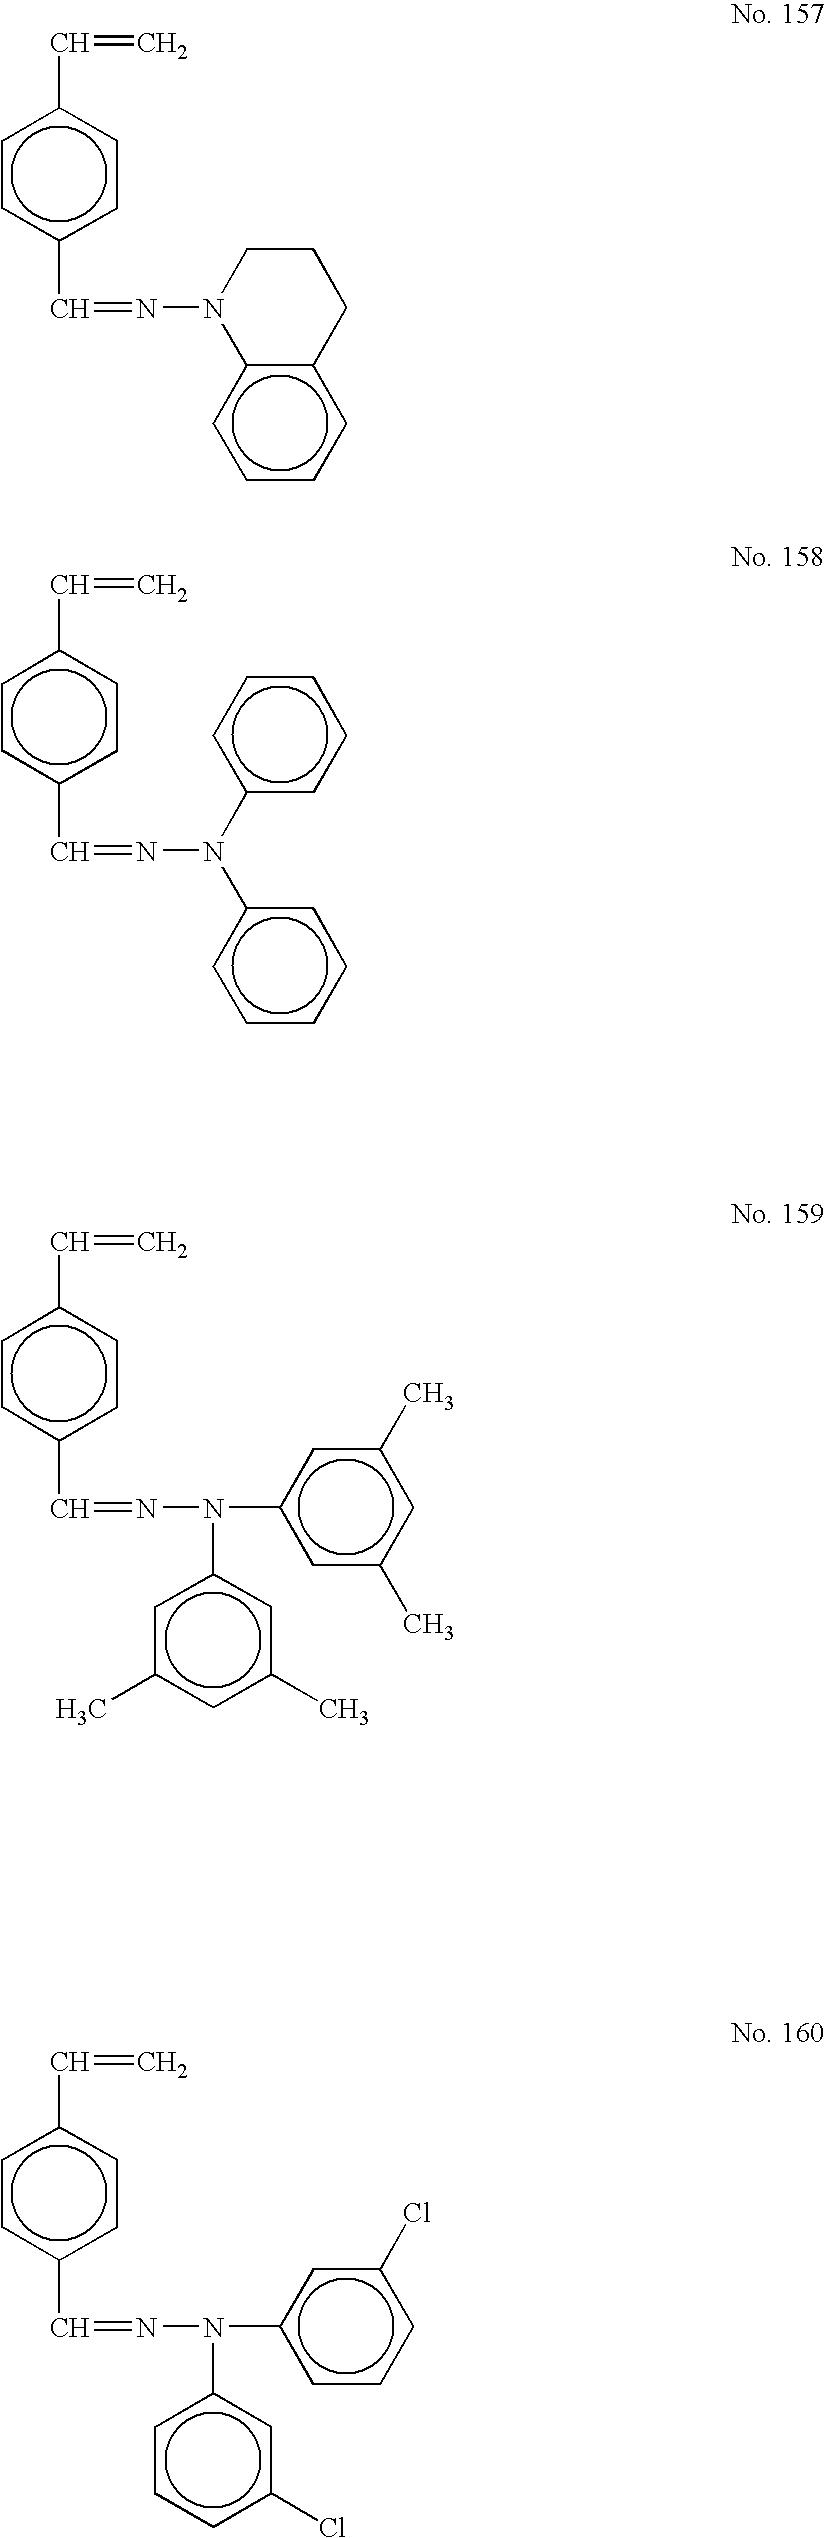 Figure US20060177749A1-20060810-C00071